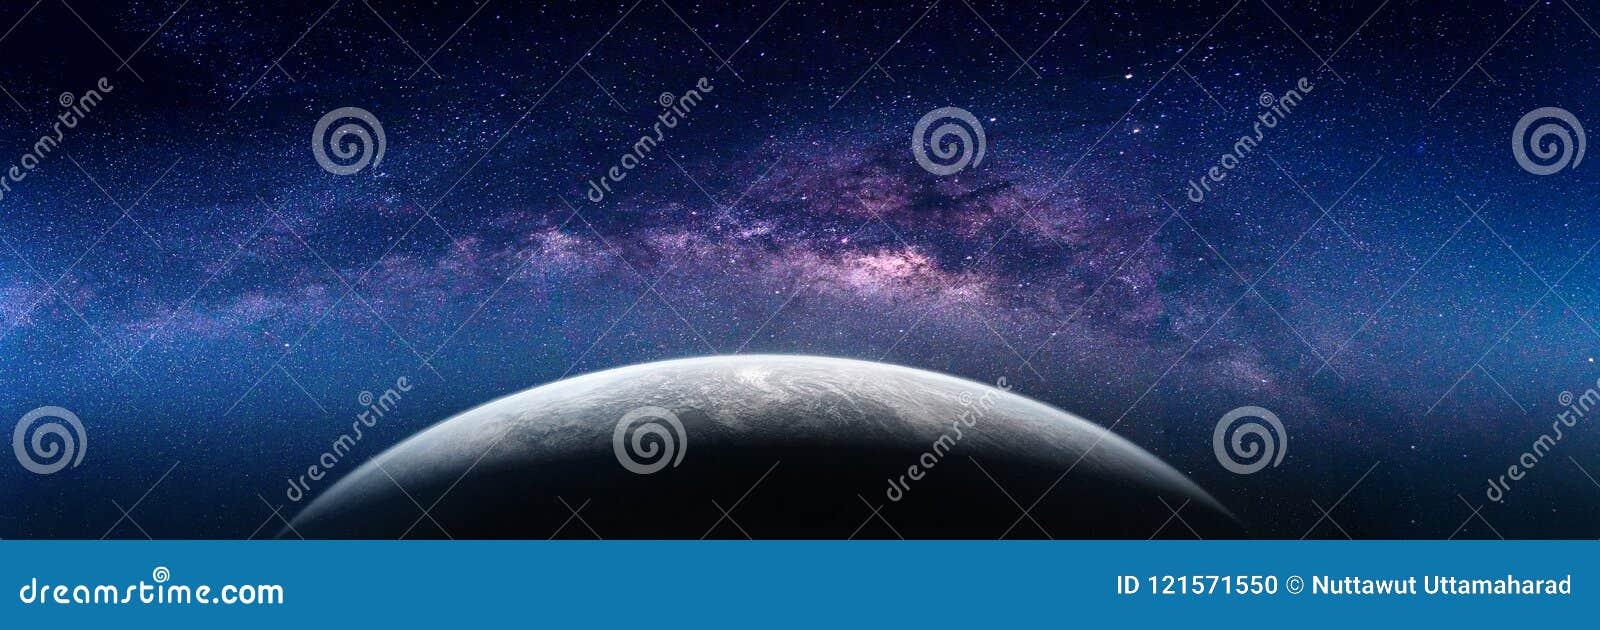 Landschaft mit Milchstraßegalaxie Erdansicht vom Raum mit Milch